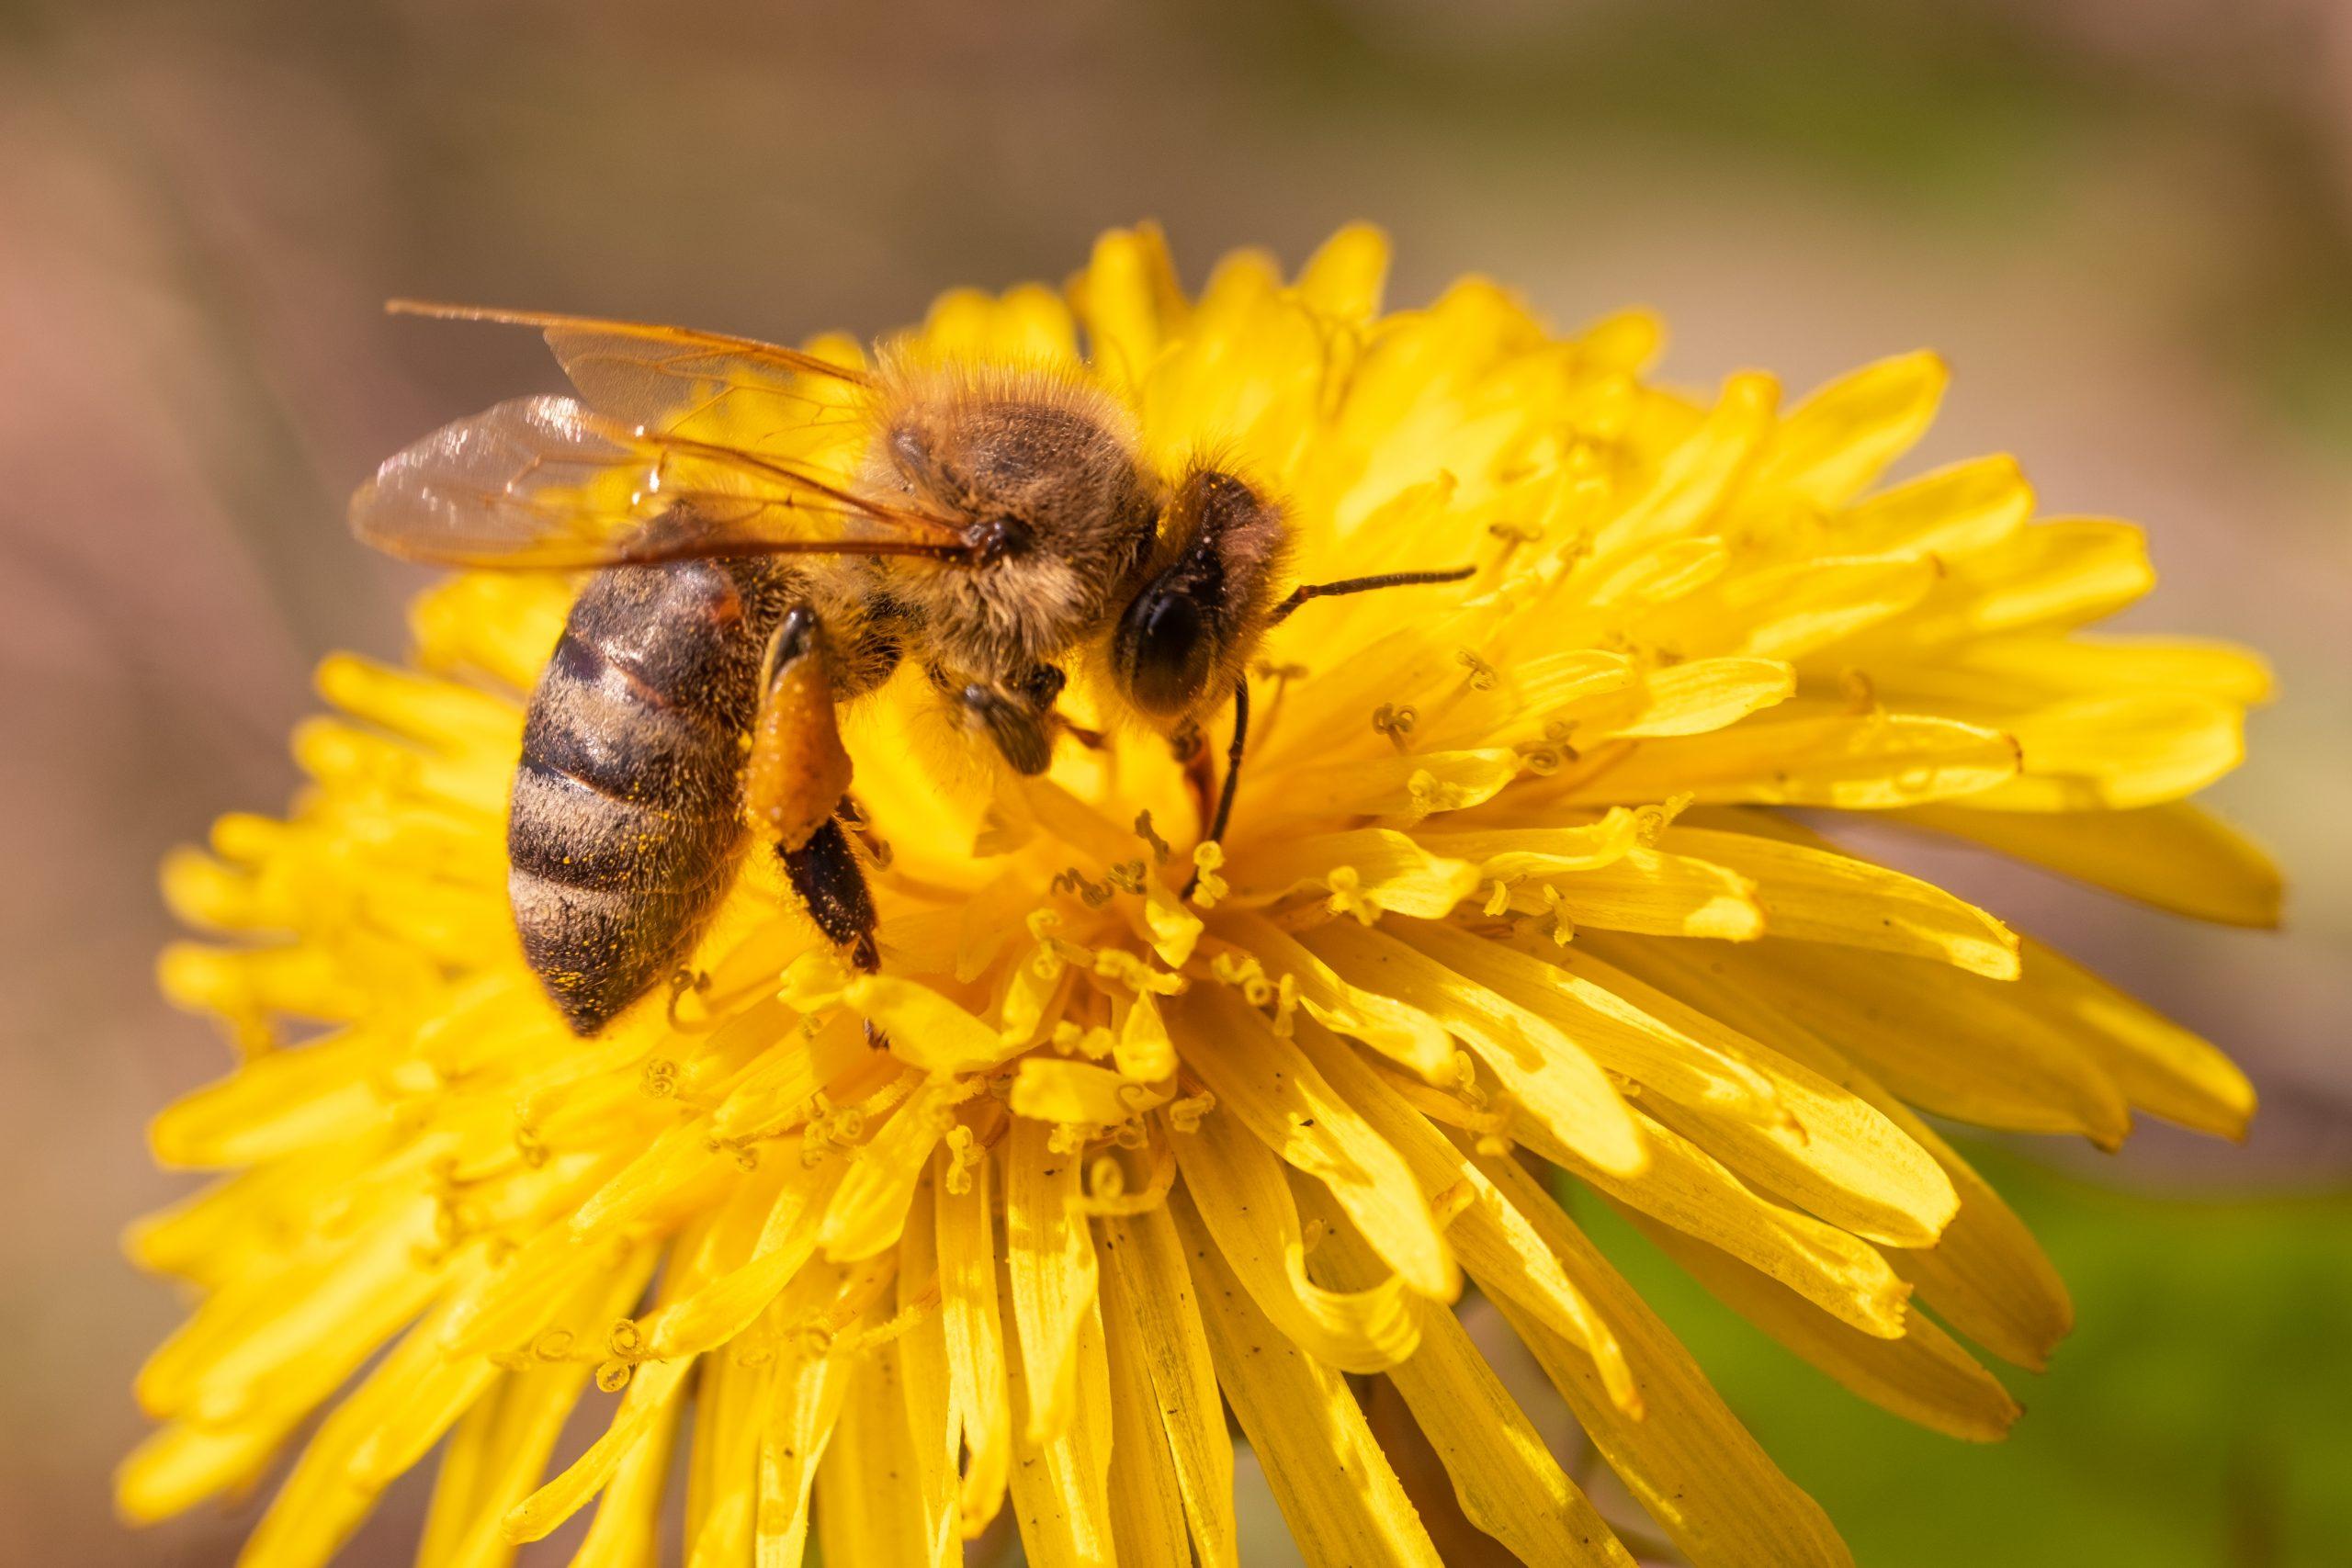 Honeybee Extracting The Dandelion Nectar